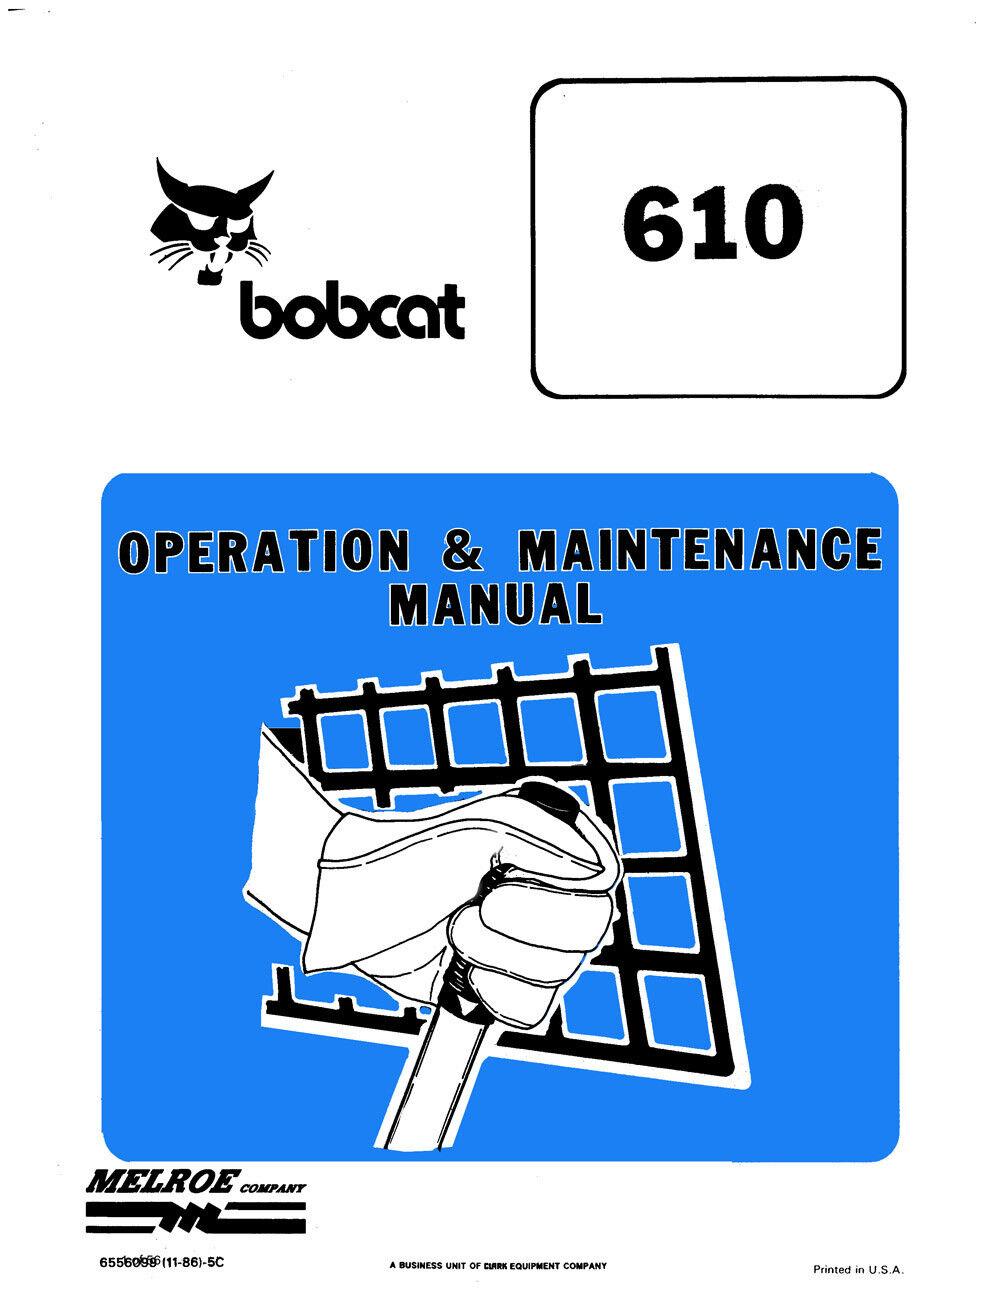 Clark Bobcat 610 Loader Operation Maintenance Manual Repro 1986 1987  6556099 | eBay